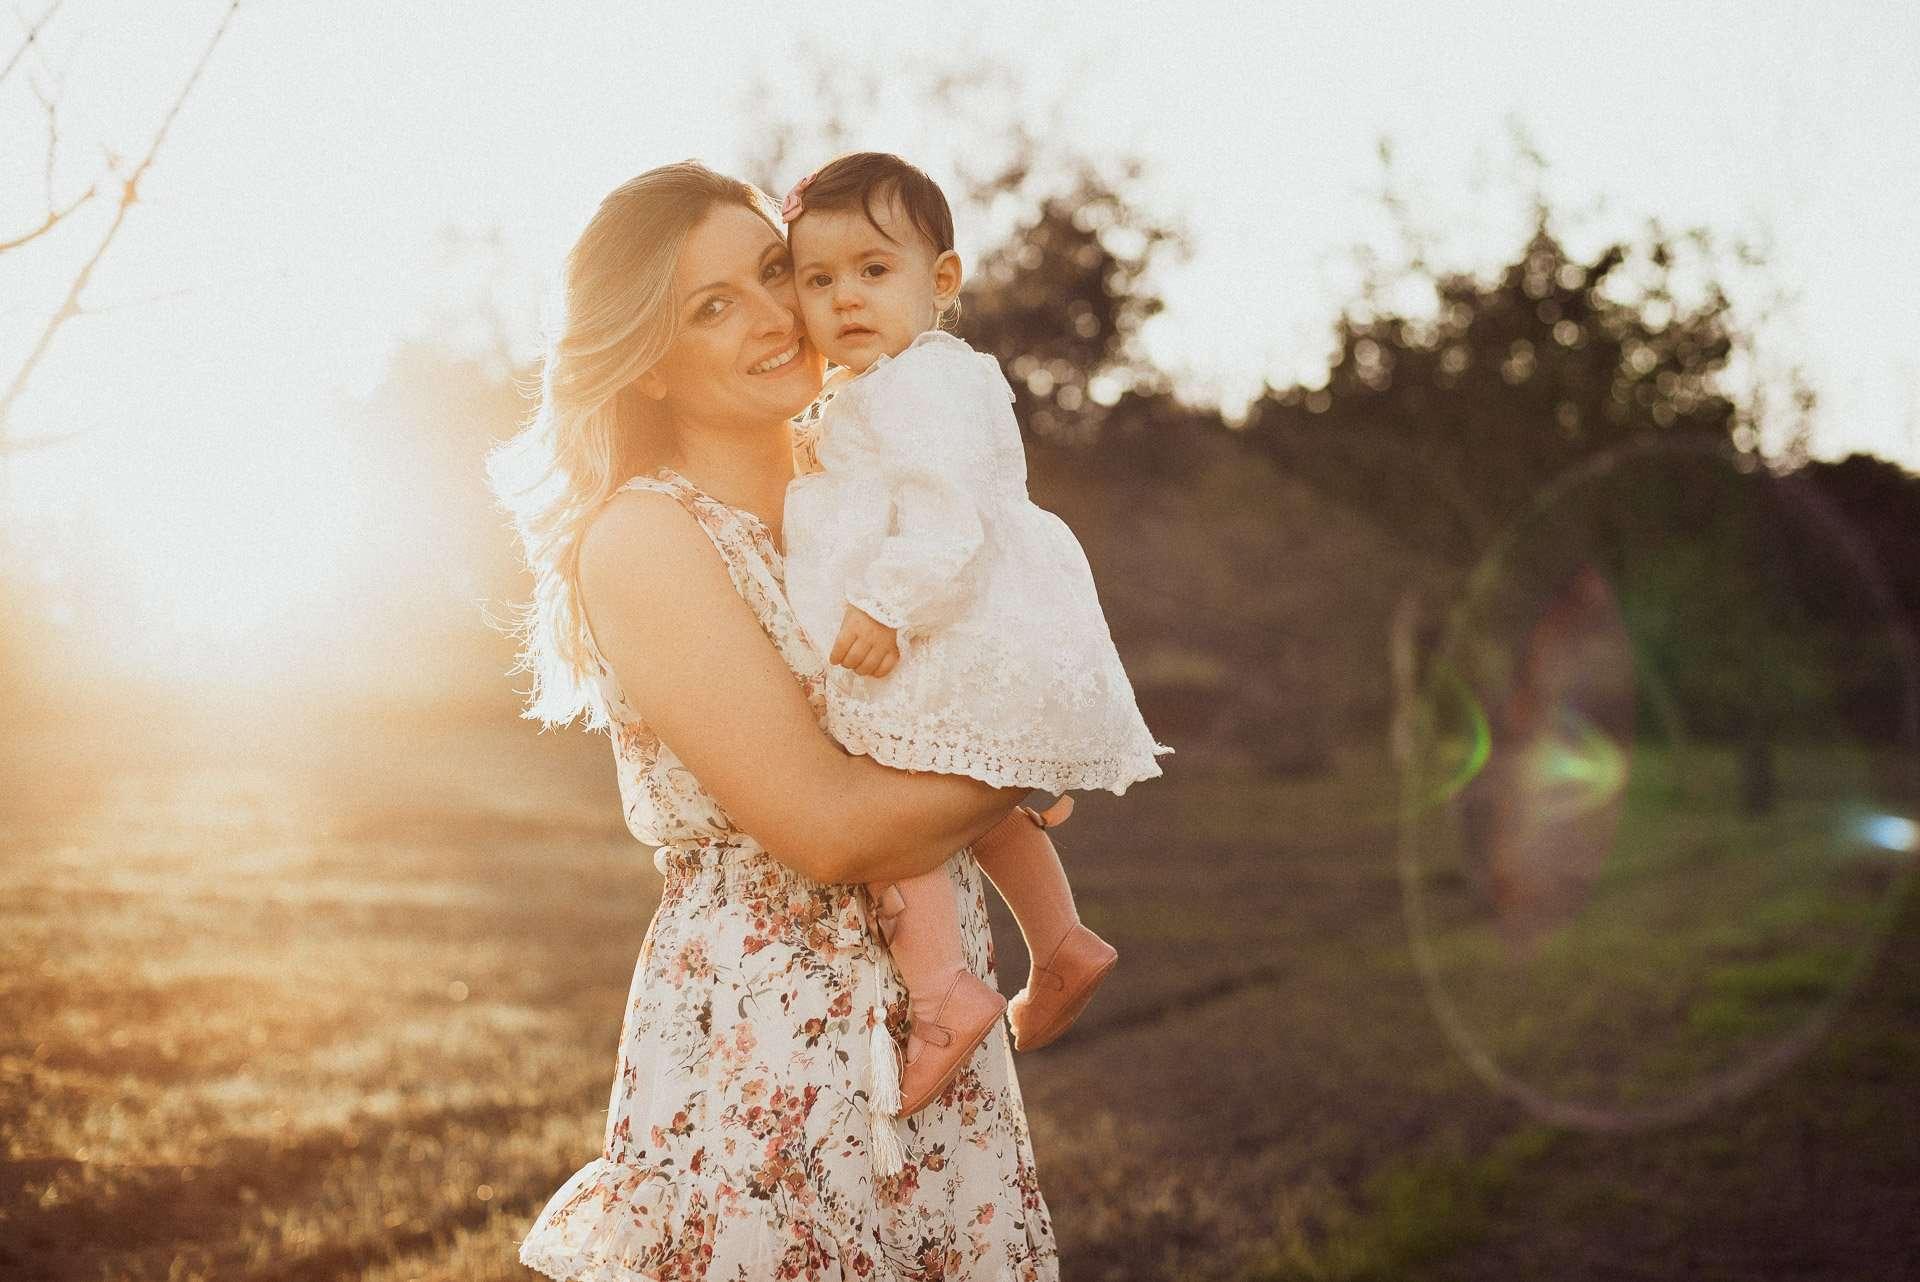 Fotografia mamma e figlia al tramonto